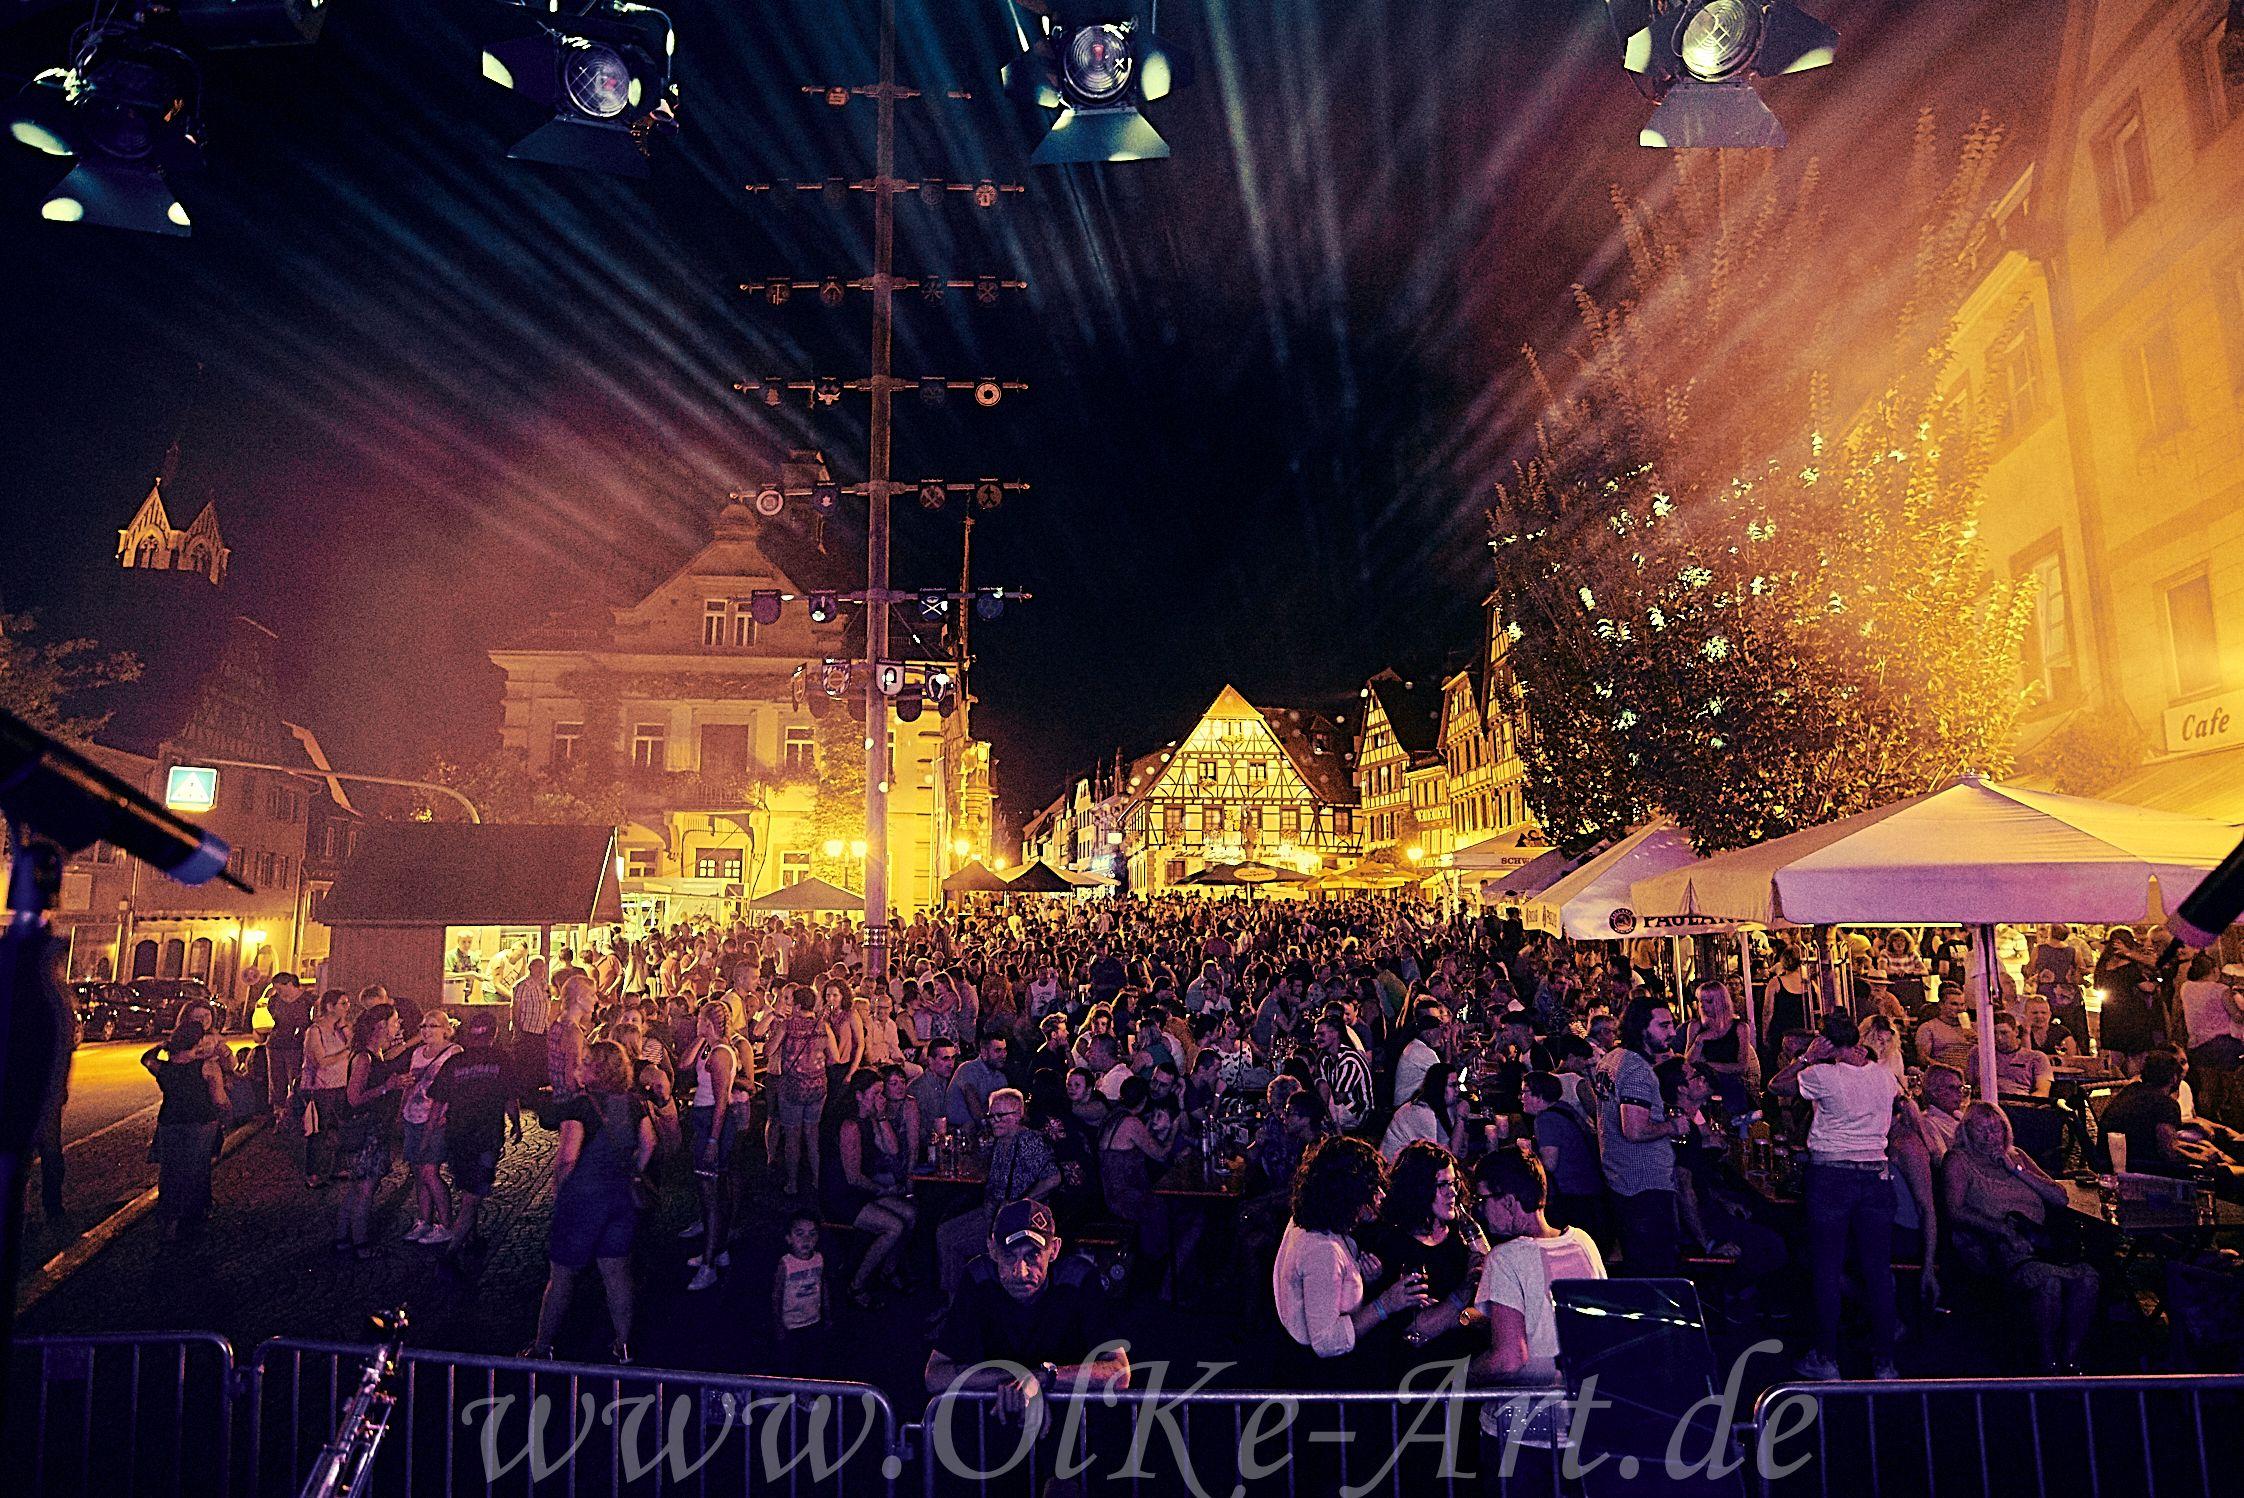 """""""Bretten live"""" 2021 - Das Musikwochenende auf dem Brettener Marktplatz"""